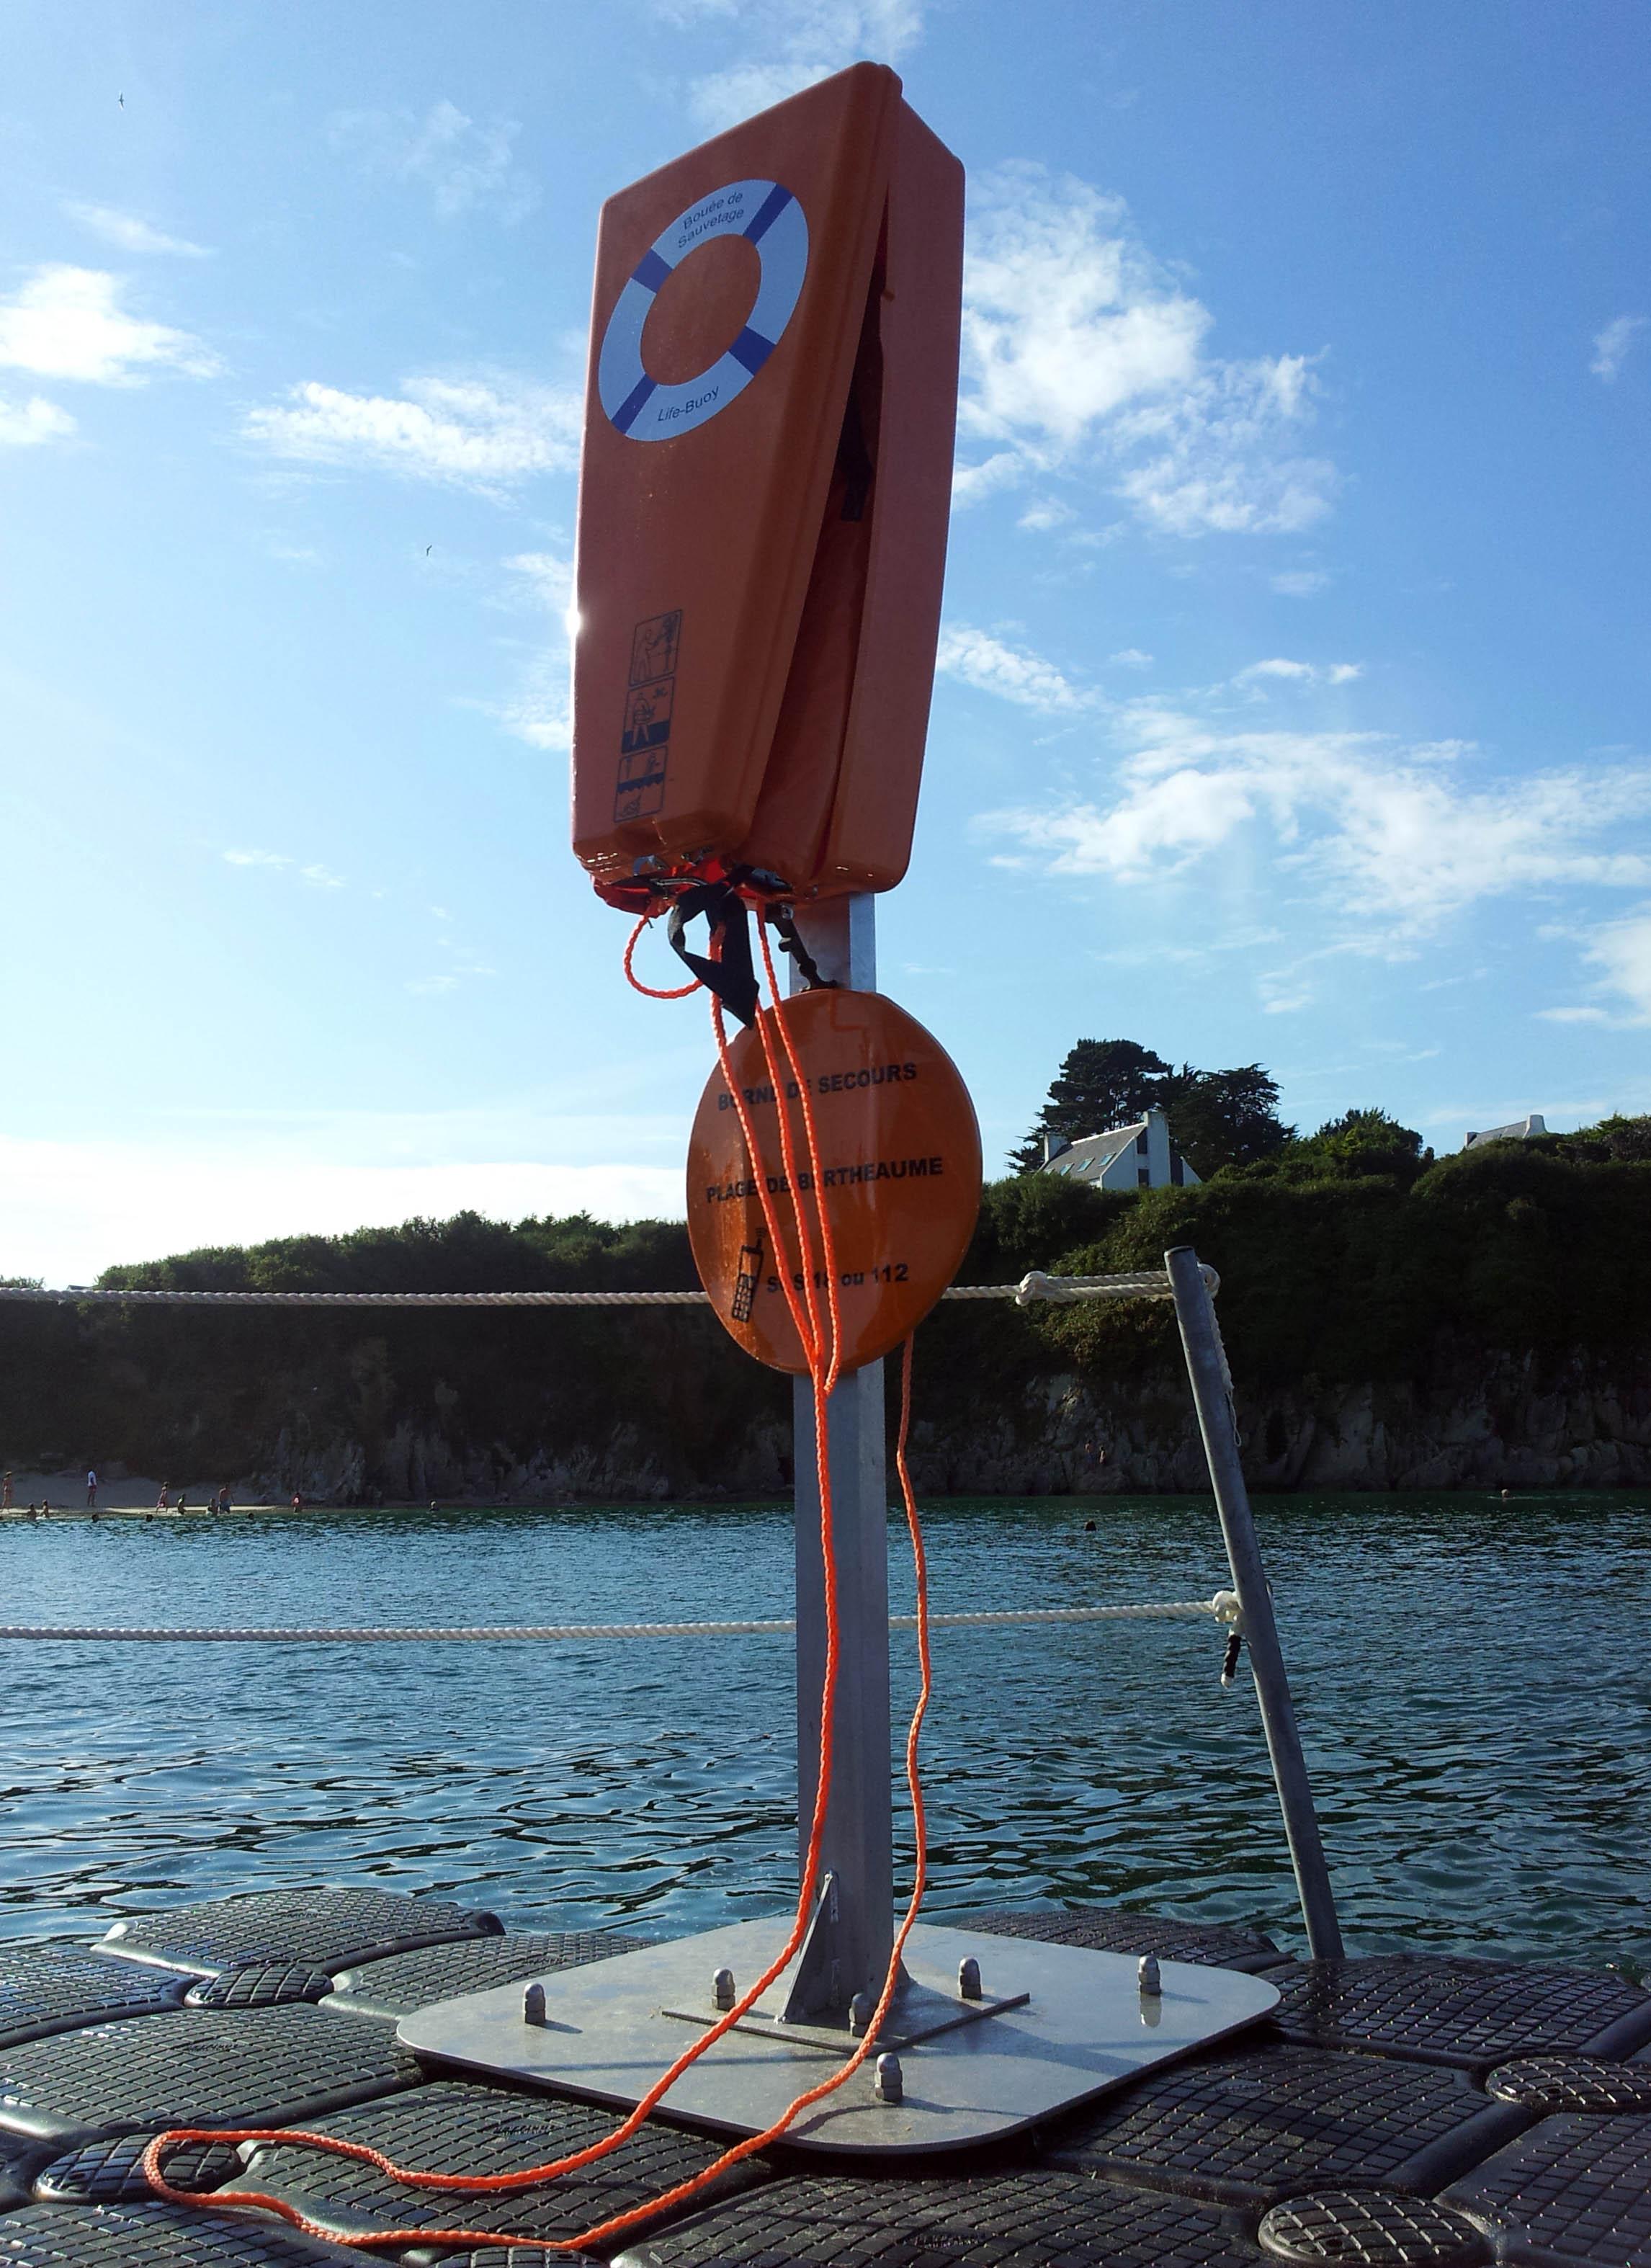 contact permis bateau rennes o et comment passer le permis bateau rennes. Black Bedroom Furniture Sets. Home Design Ideas